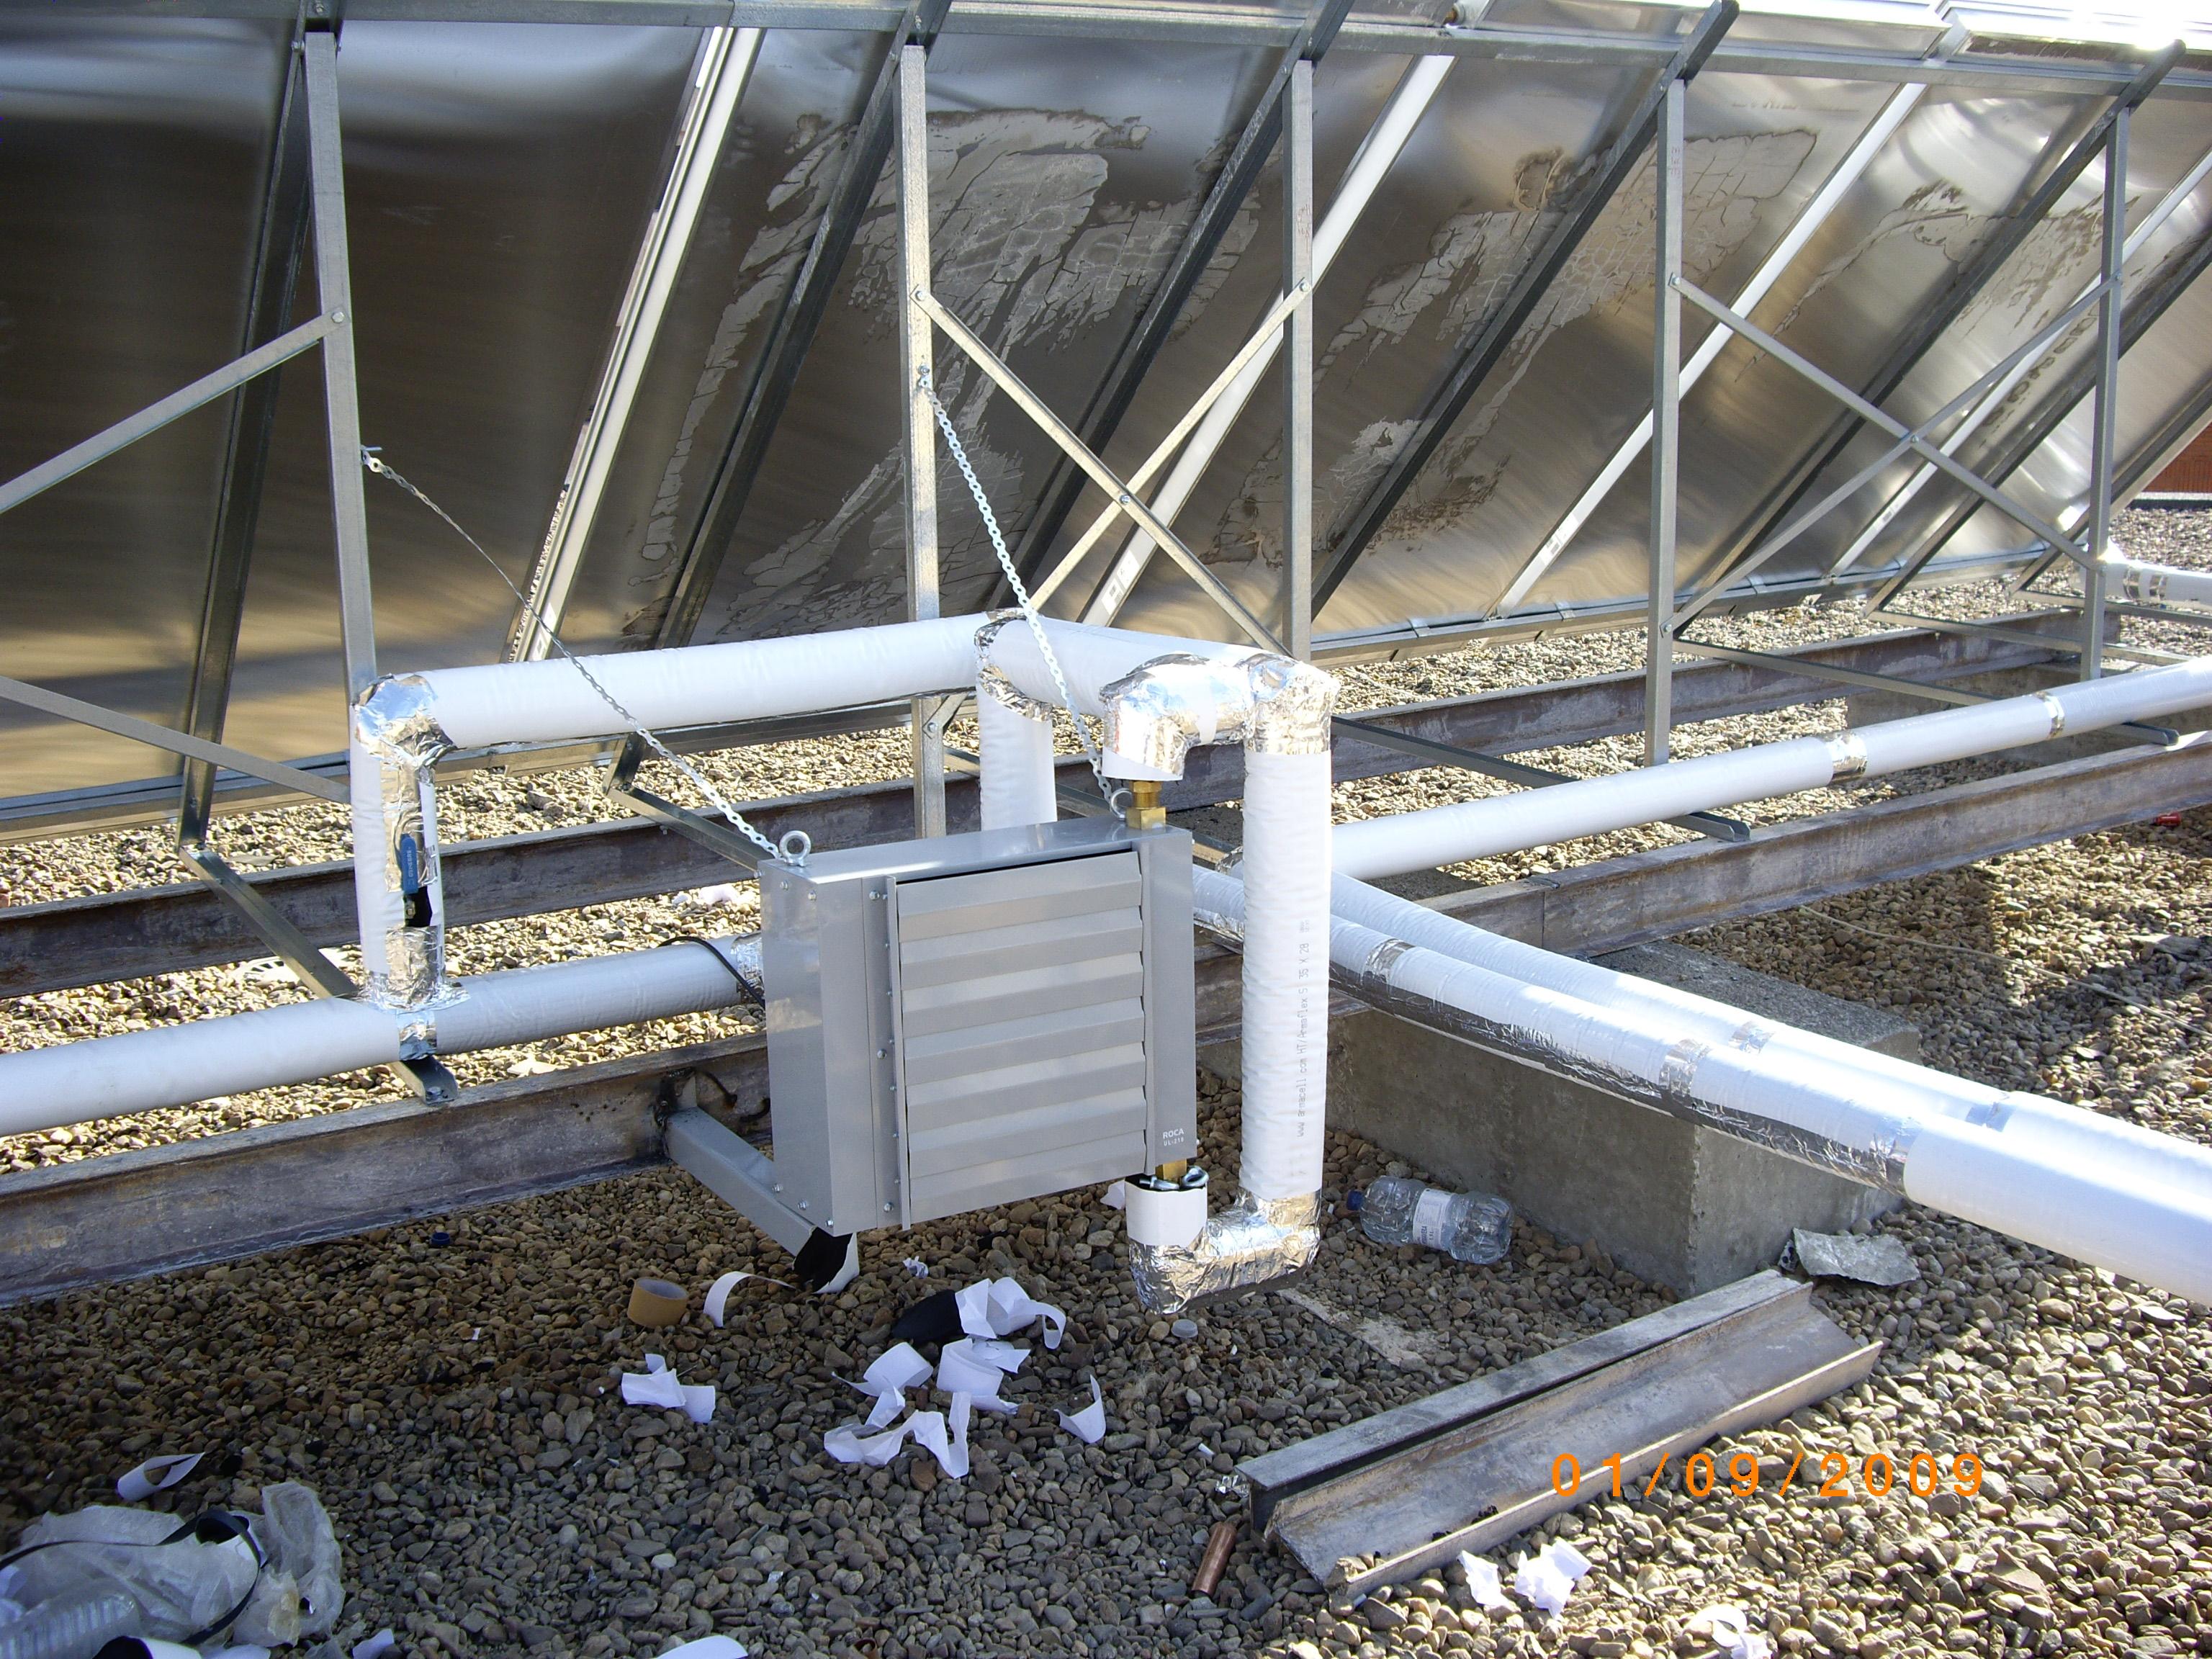 Casa residencial familiar lista de reparaciones hogar for Empresas de reparaciones del hogar en madrid